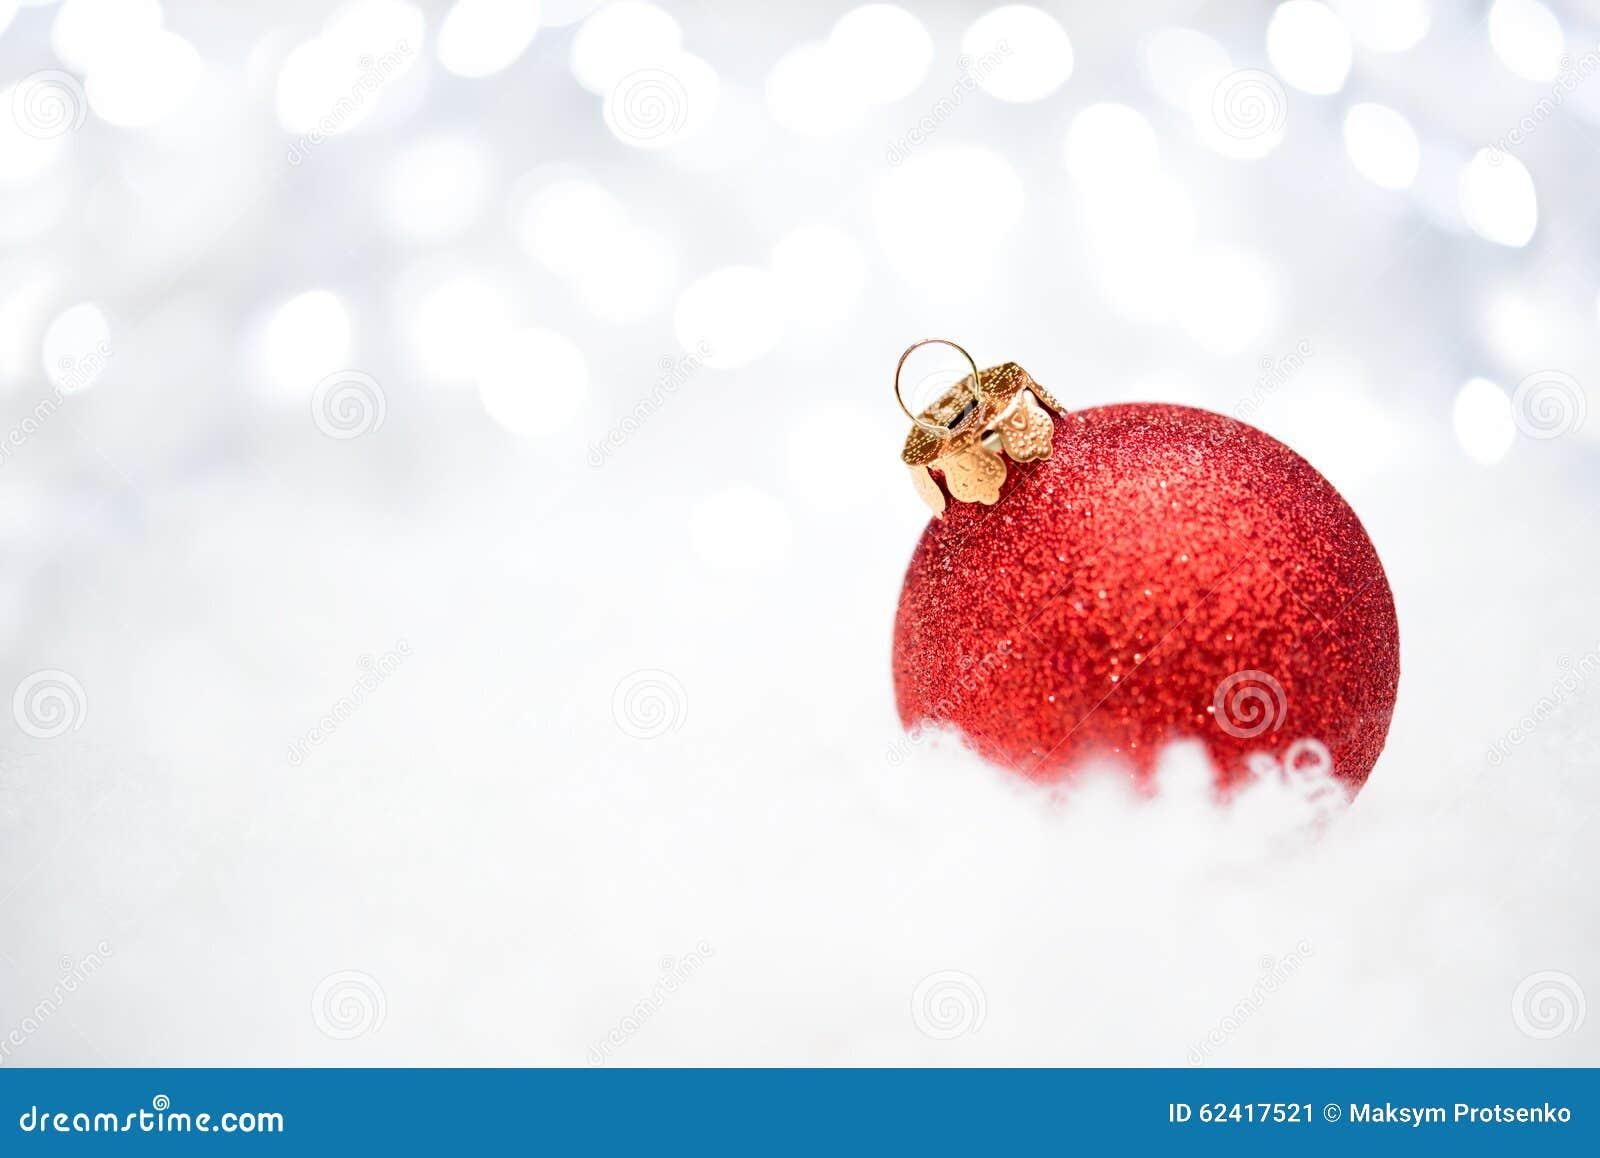 Decoração do Natal com a bola vermelha na neve no fundo borrado com luzes do feriado ano novo feliz 2007